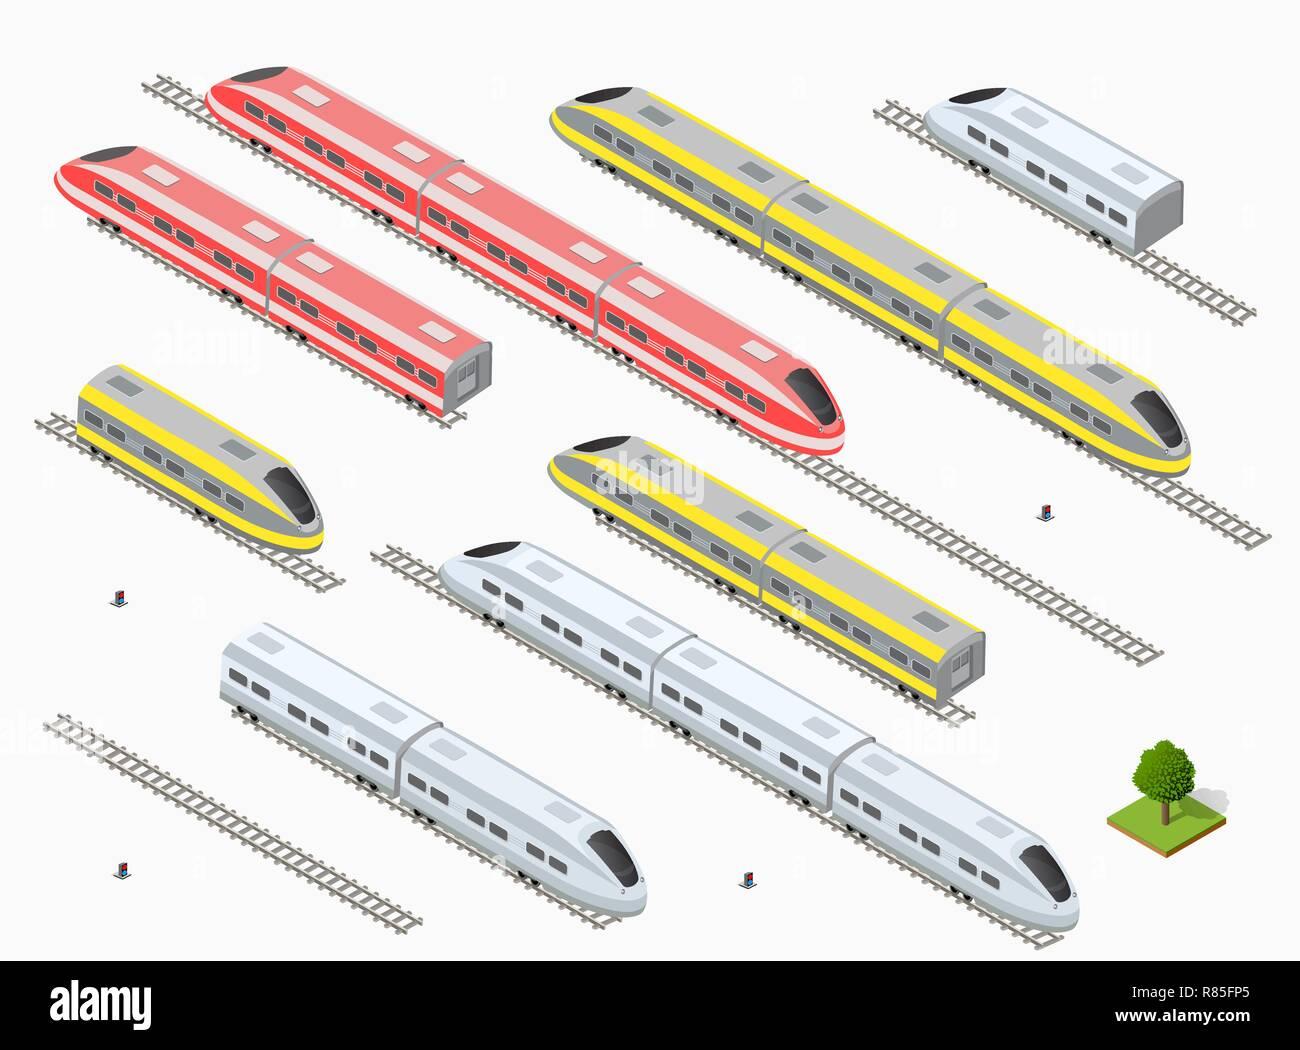 Rail Vector Vectors Stock Photos & Rail Vector Vectors Stock